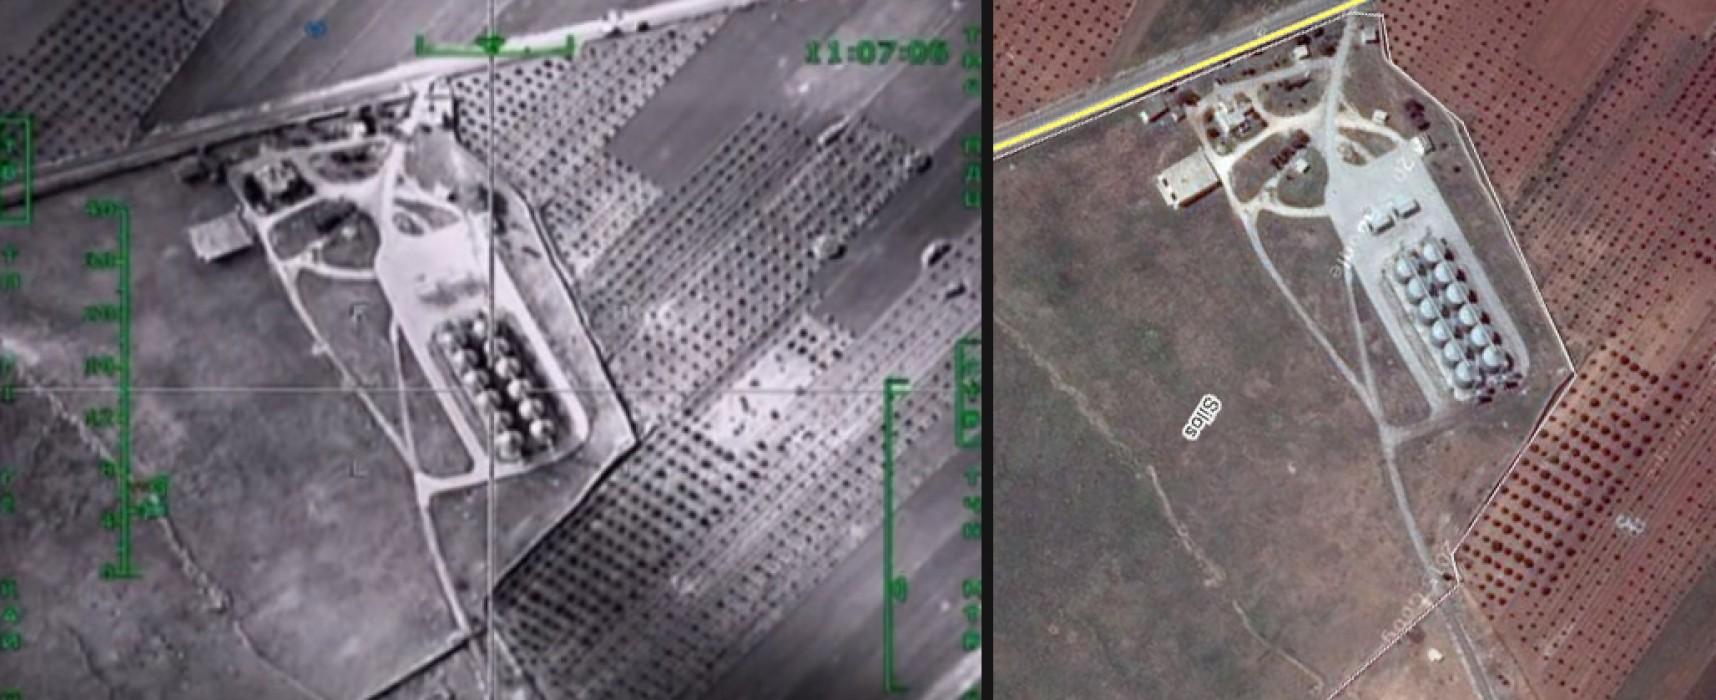 Фейк: руските войски унищожили петролна база в Сирия